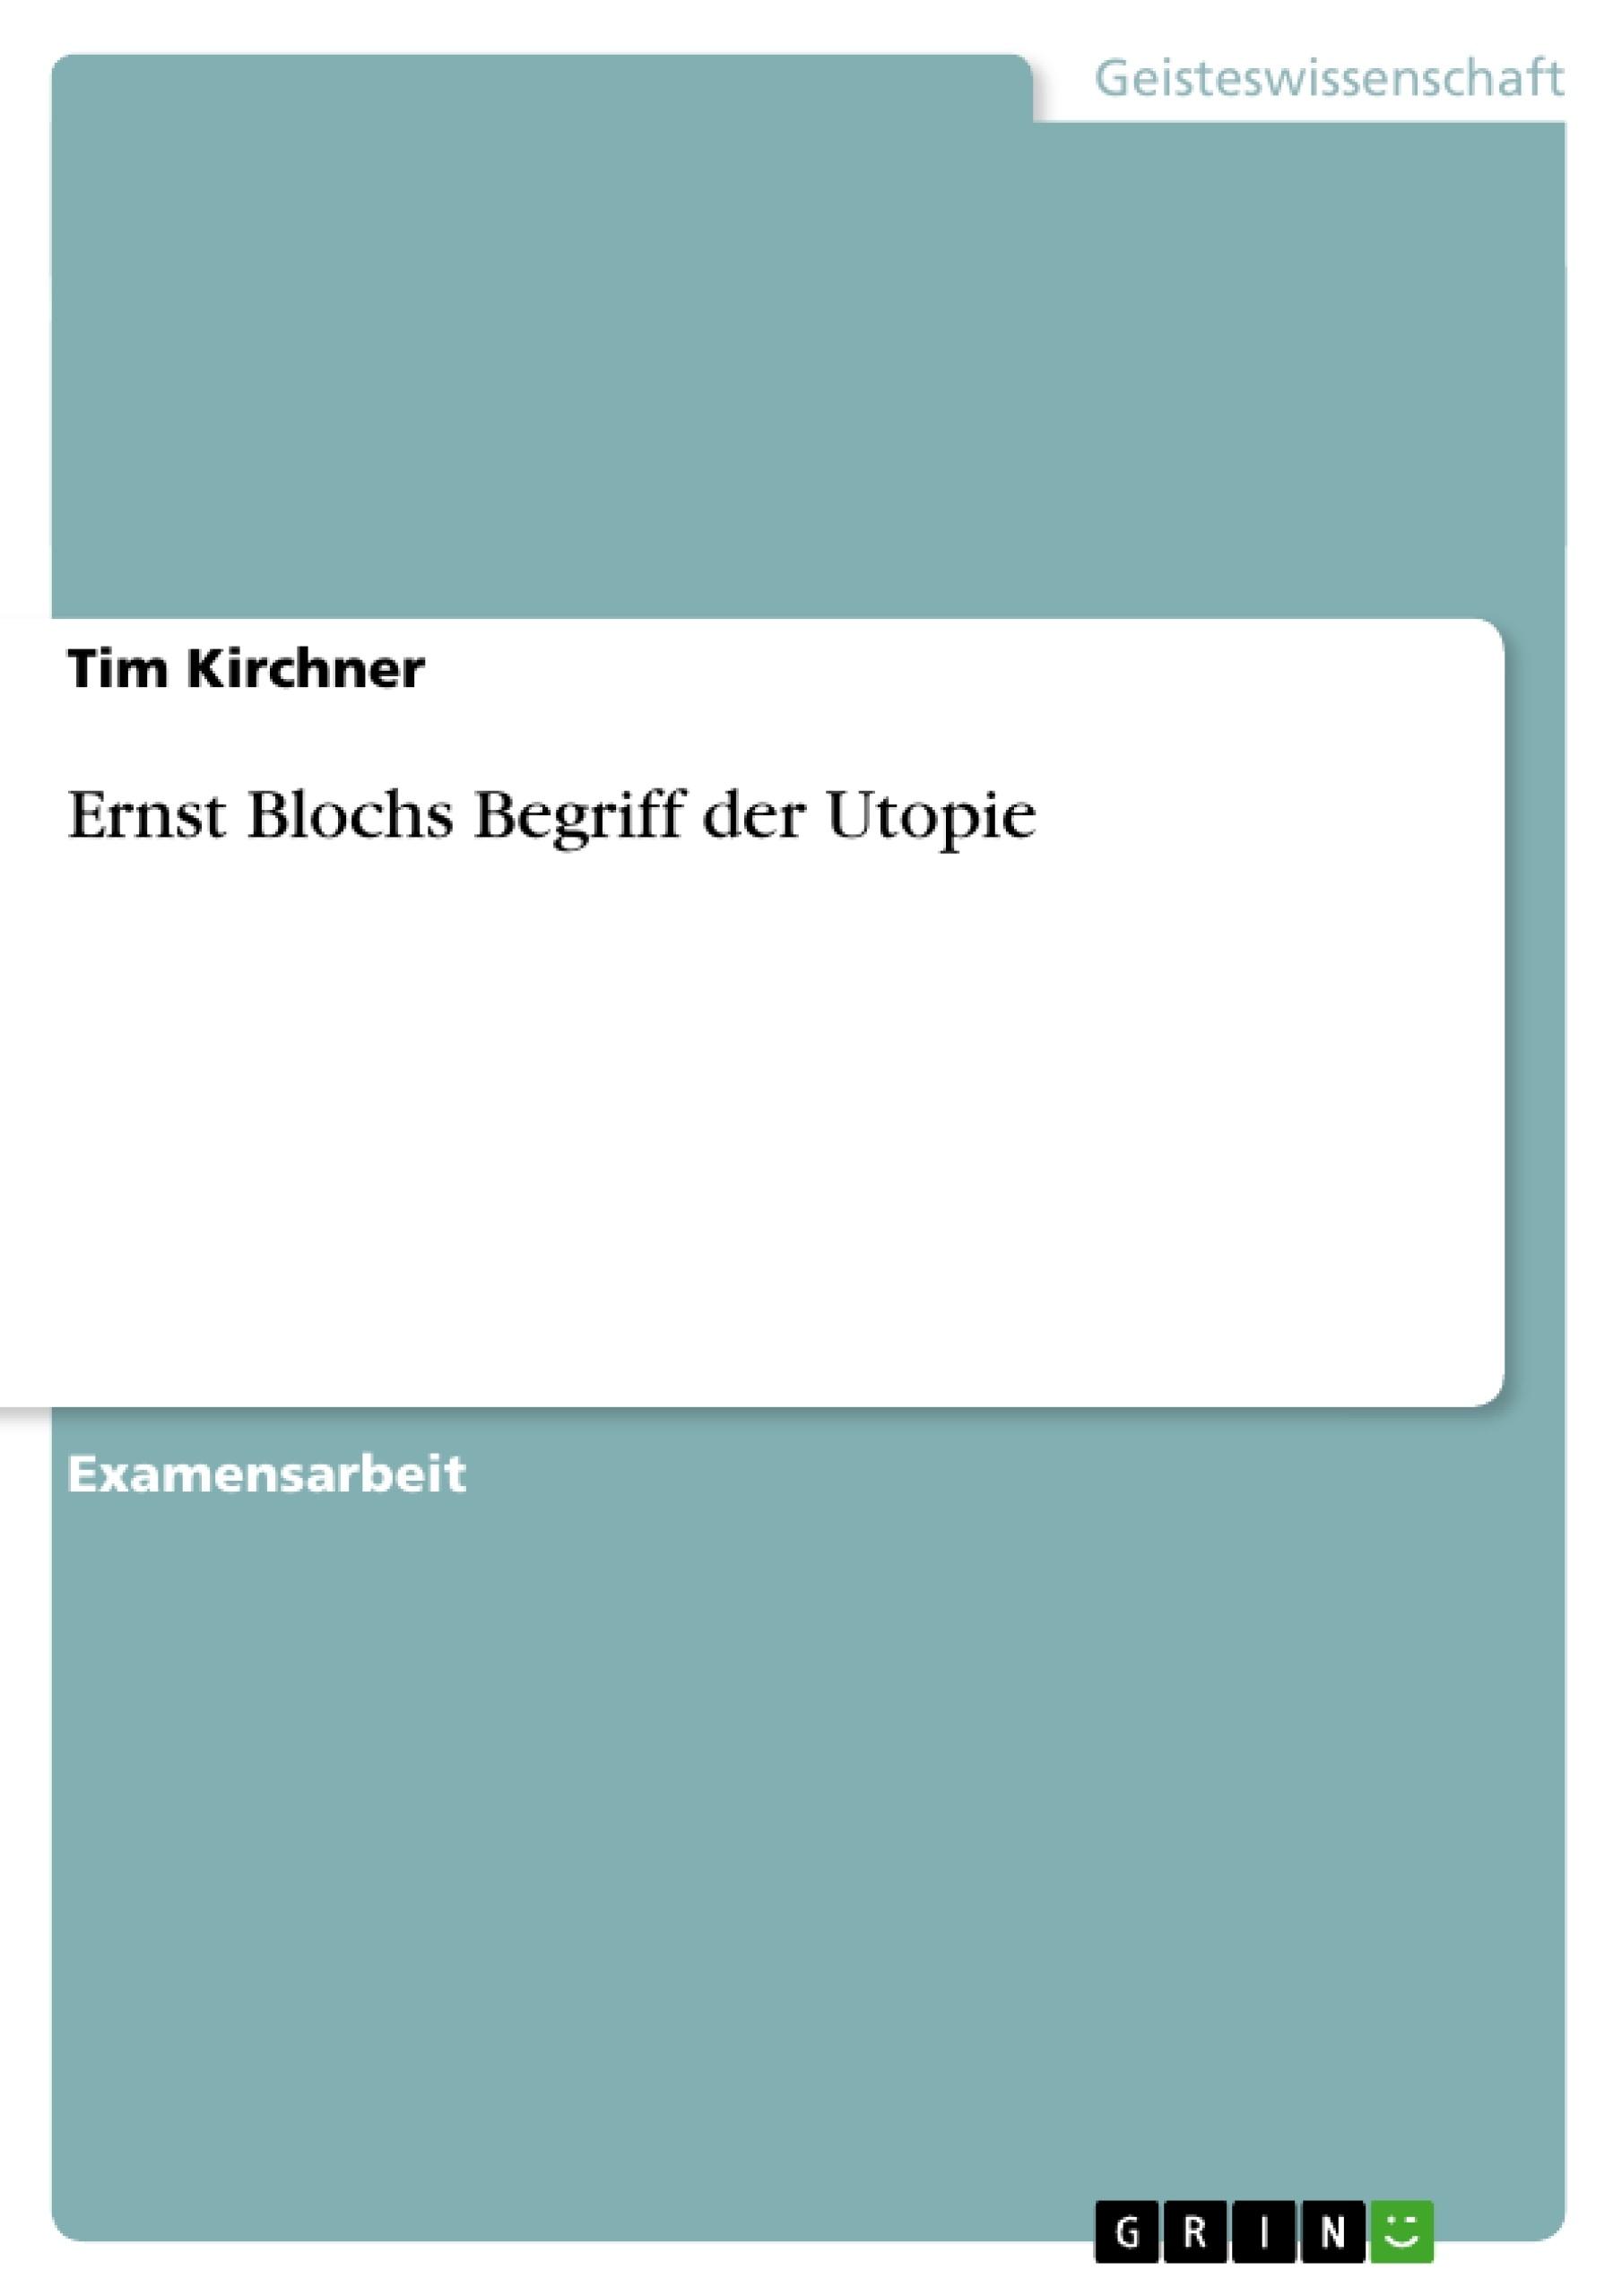 Titel: Ernst Blochs Begriff der Utopie